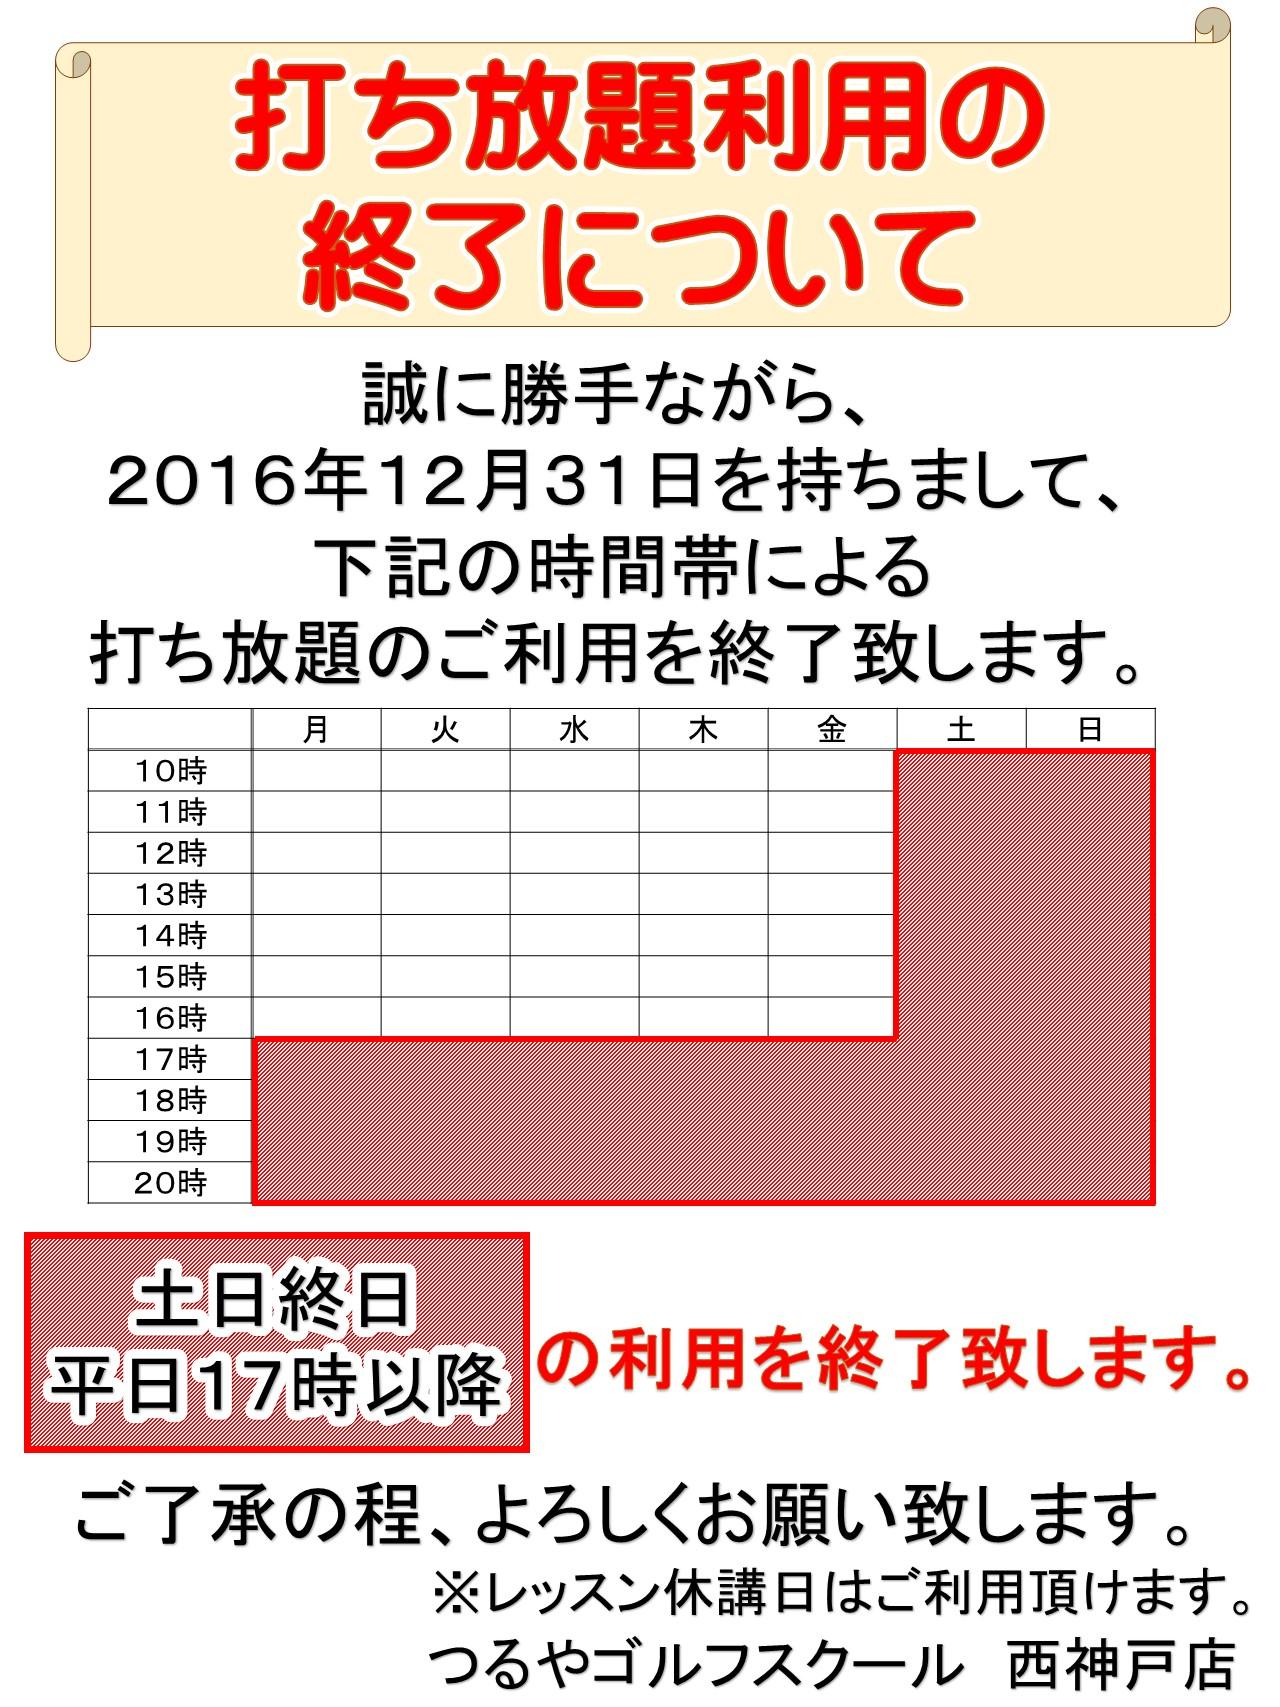 《ゴルフスクール西神戸》打ち放題利用の終了について